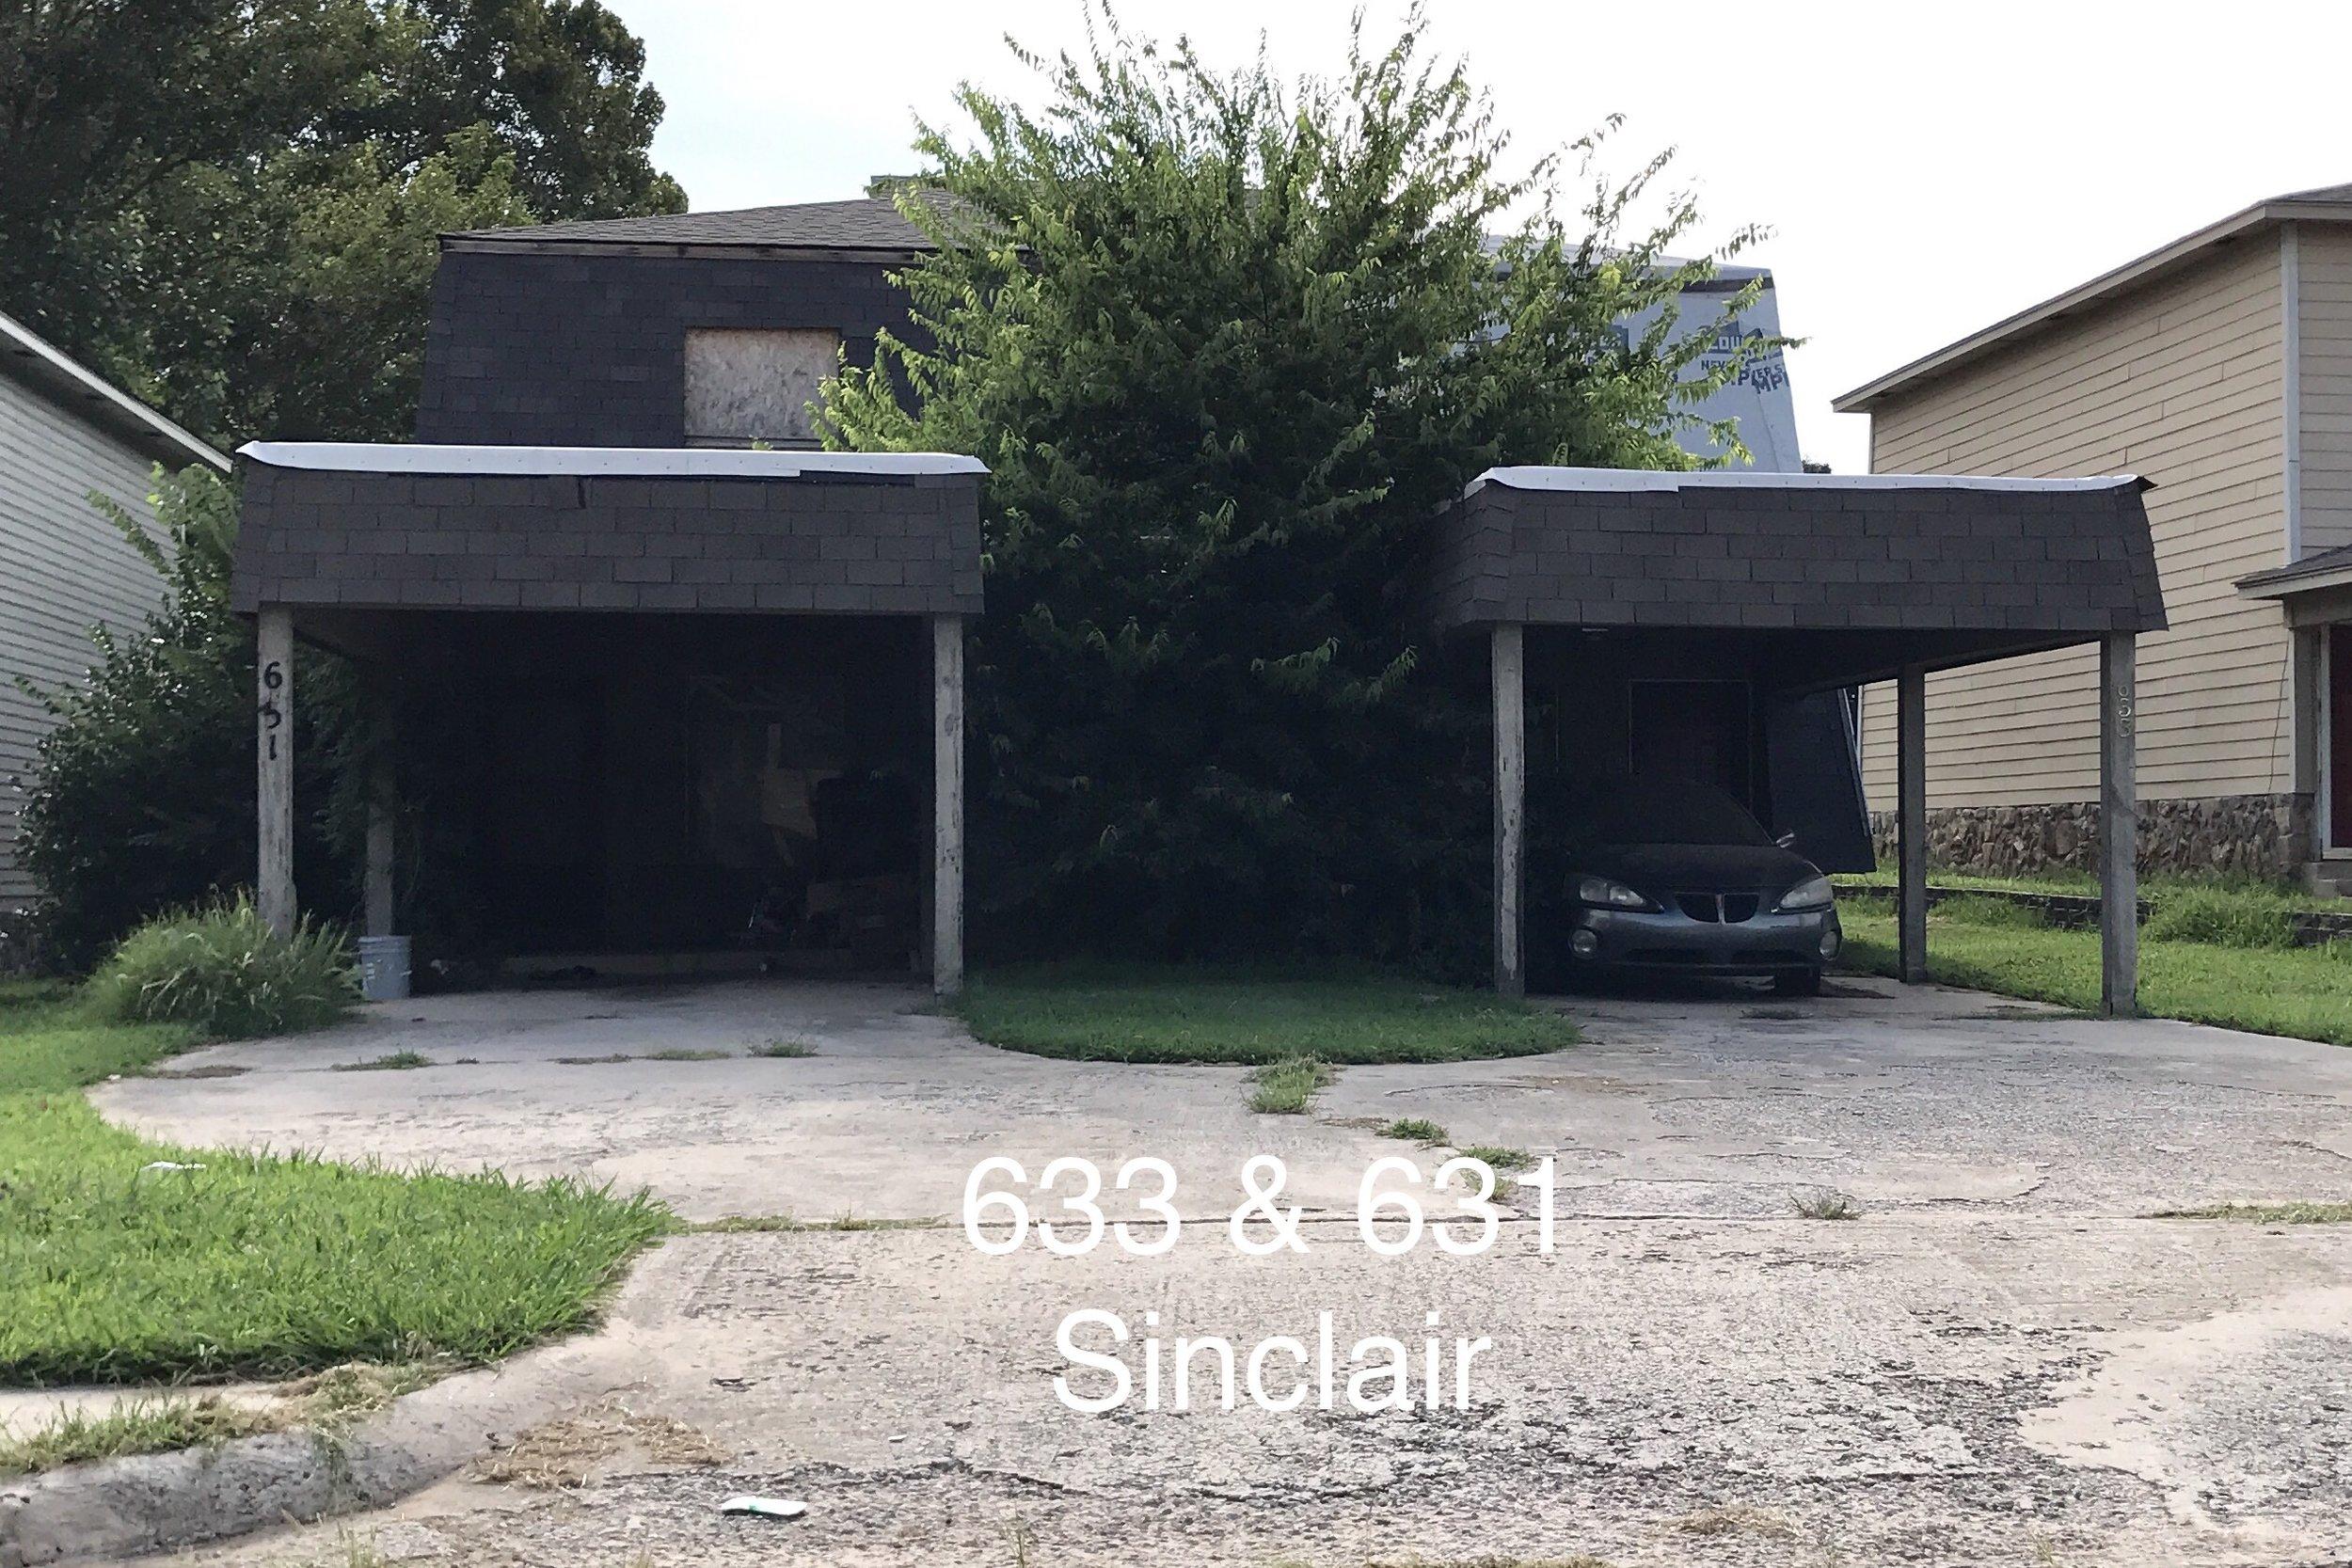 633 & 631 Sinclair.jpg